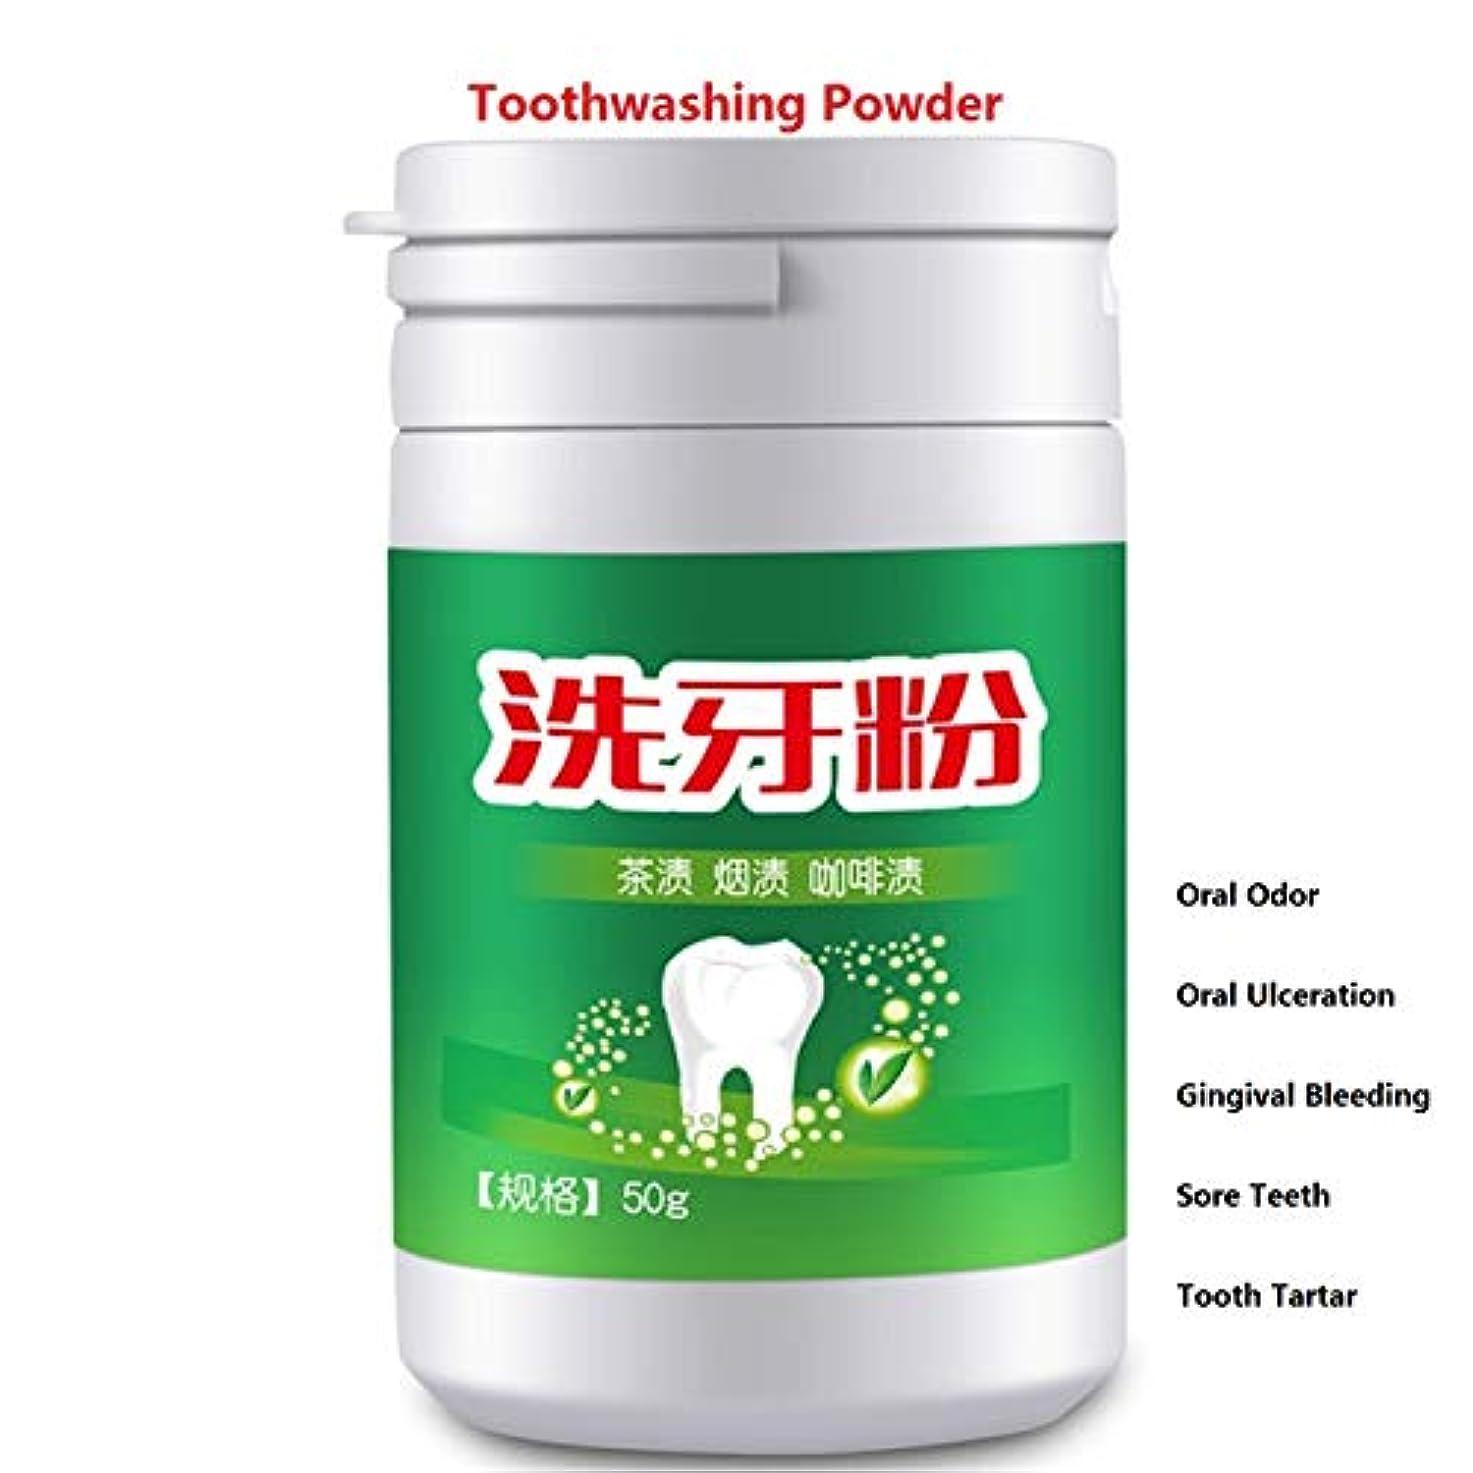 注ぎます等しい変換するナチュラルオーラルケア - 歯磨き粉、3パック、植物のクレンジング、歯のホワイトニング、きれいにする、黄色と煙の汚れを落とす